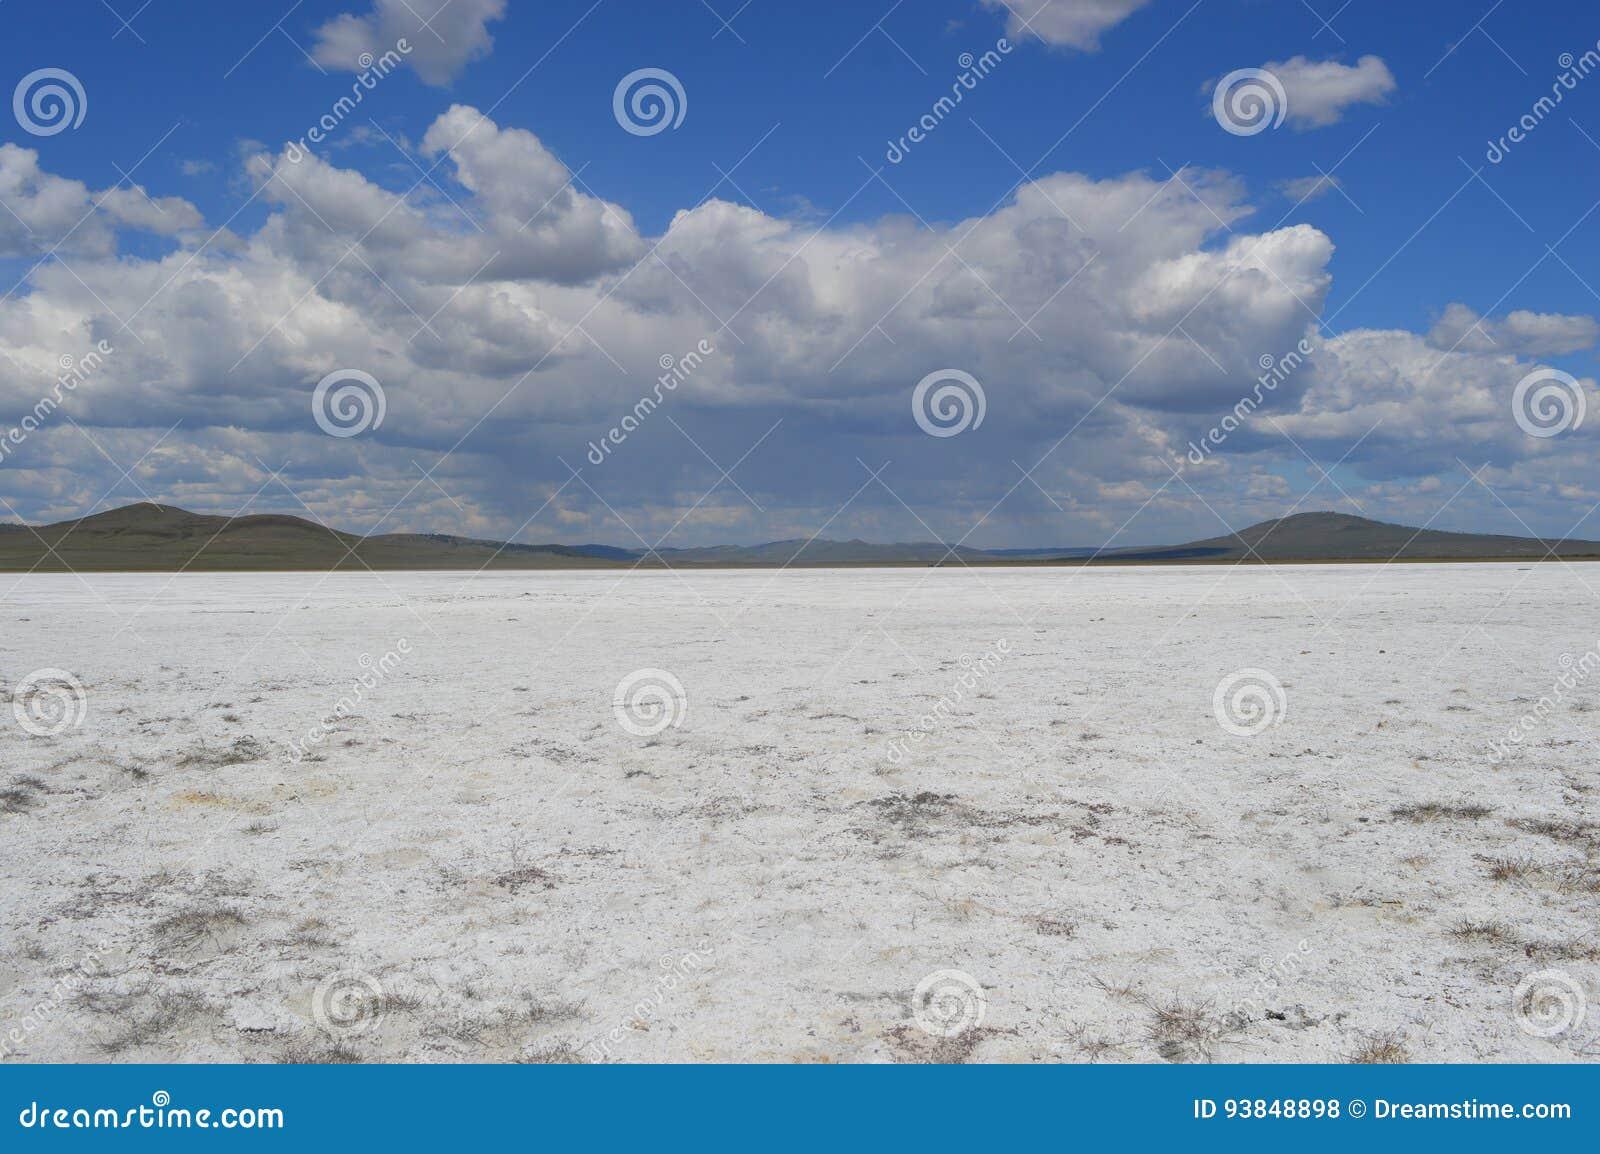 Hemel zout meer